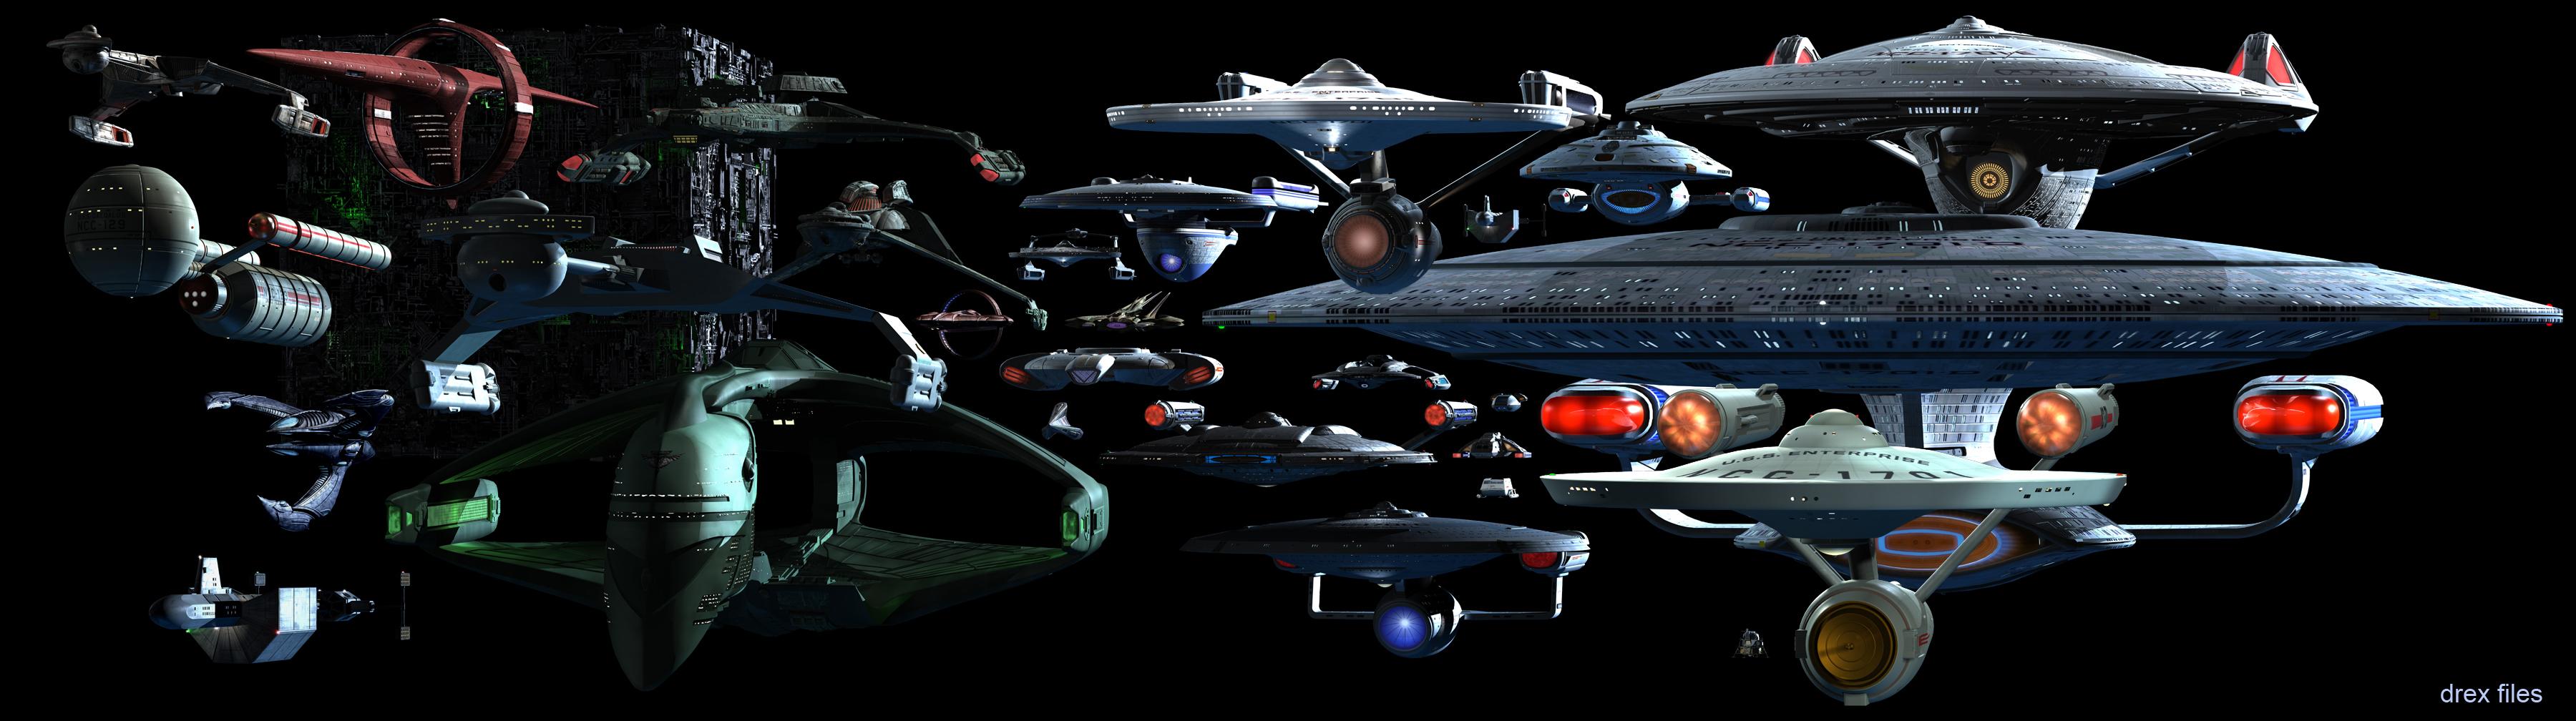 47 Dual Monitor Star Trek Wallpaper On Wallpapersafari